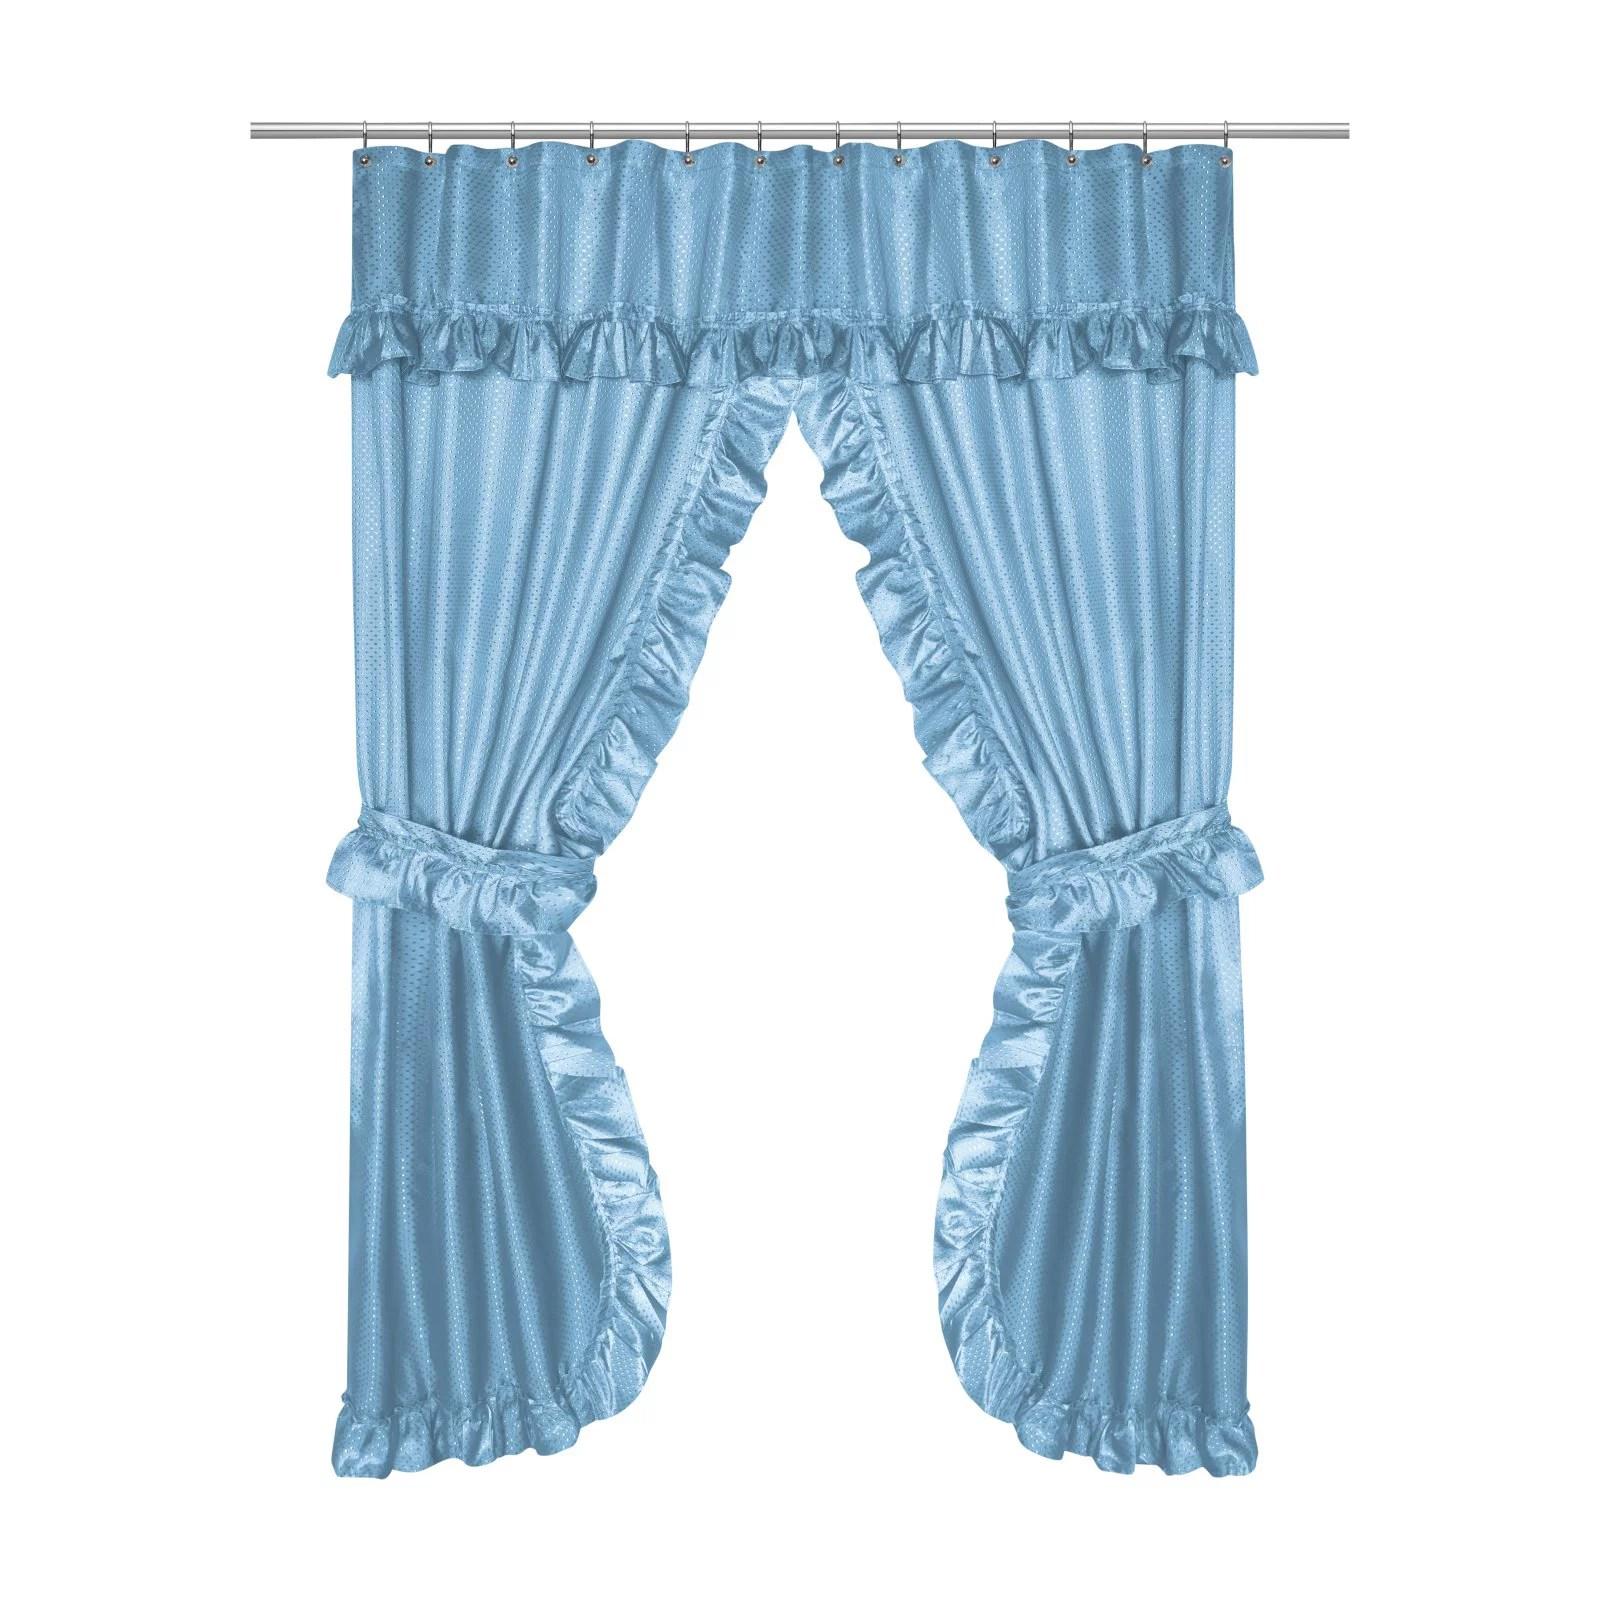 lauren double swag shower curtain grey